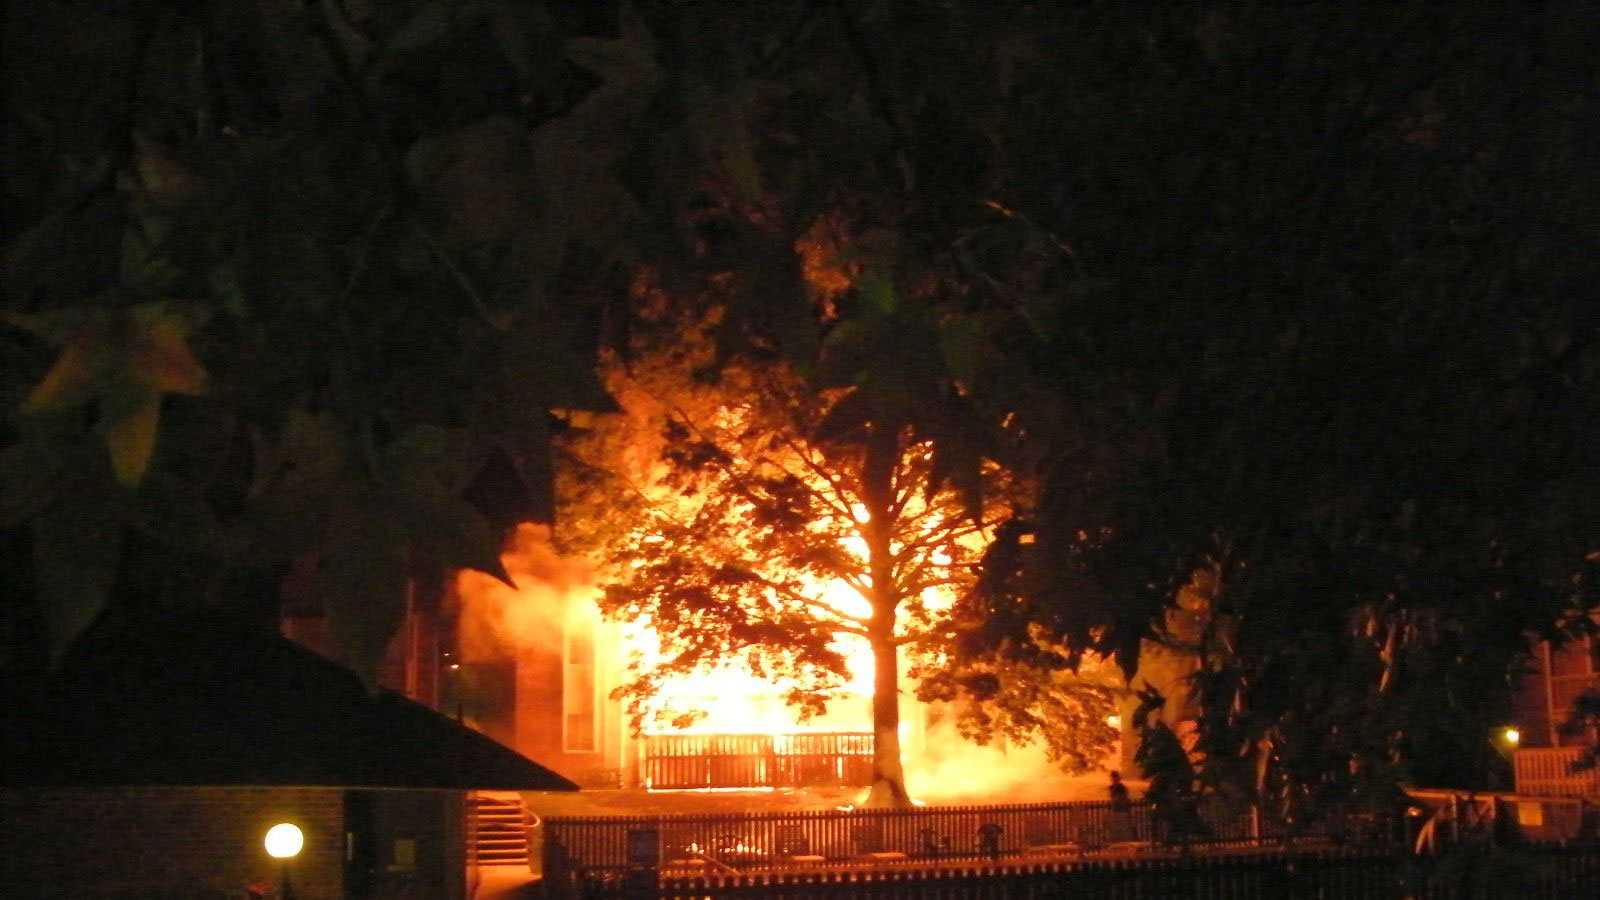 Duquesne Village apartment fire